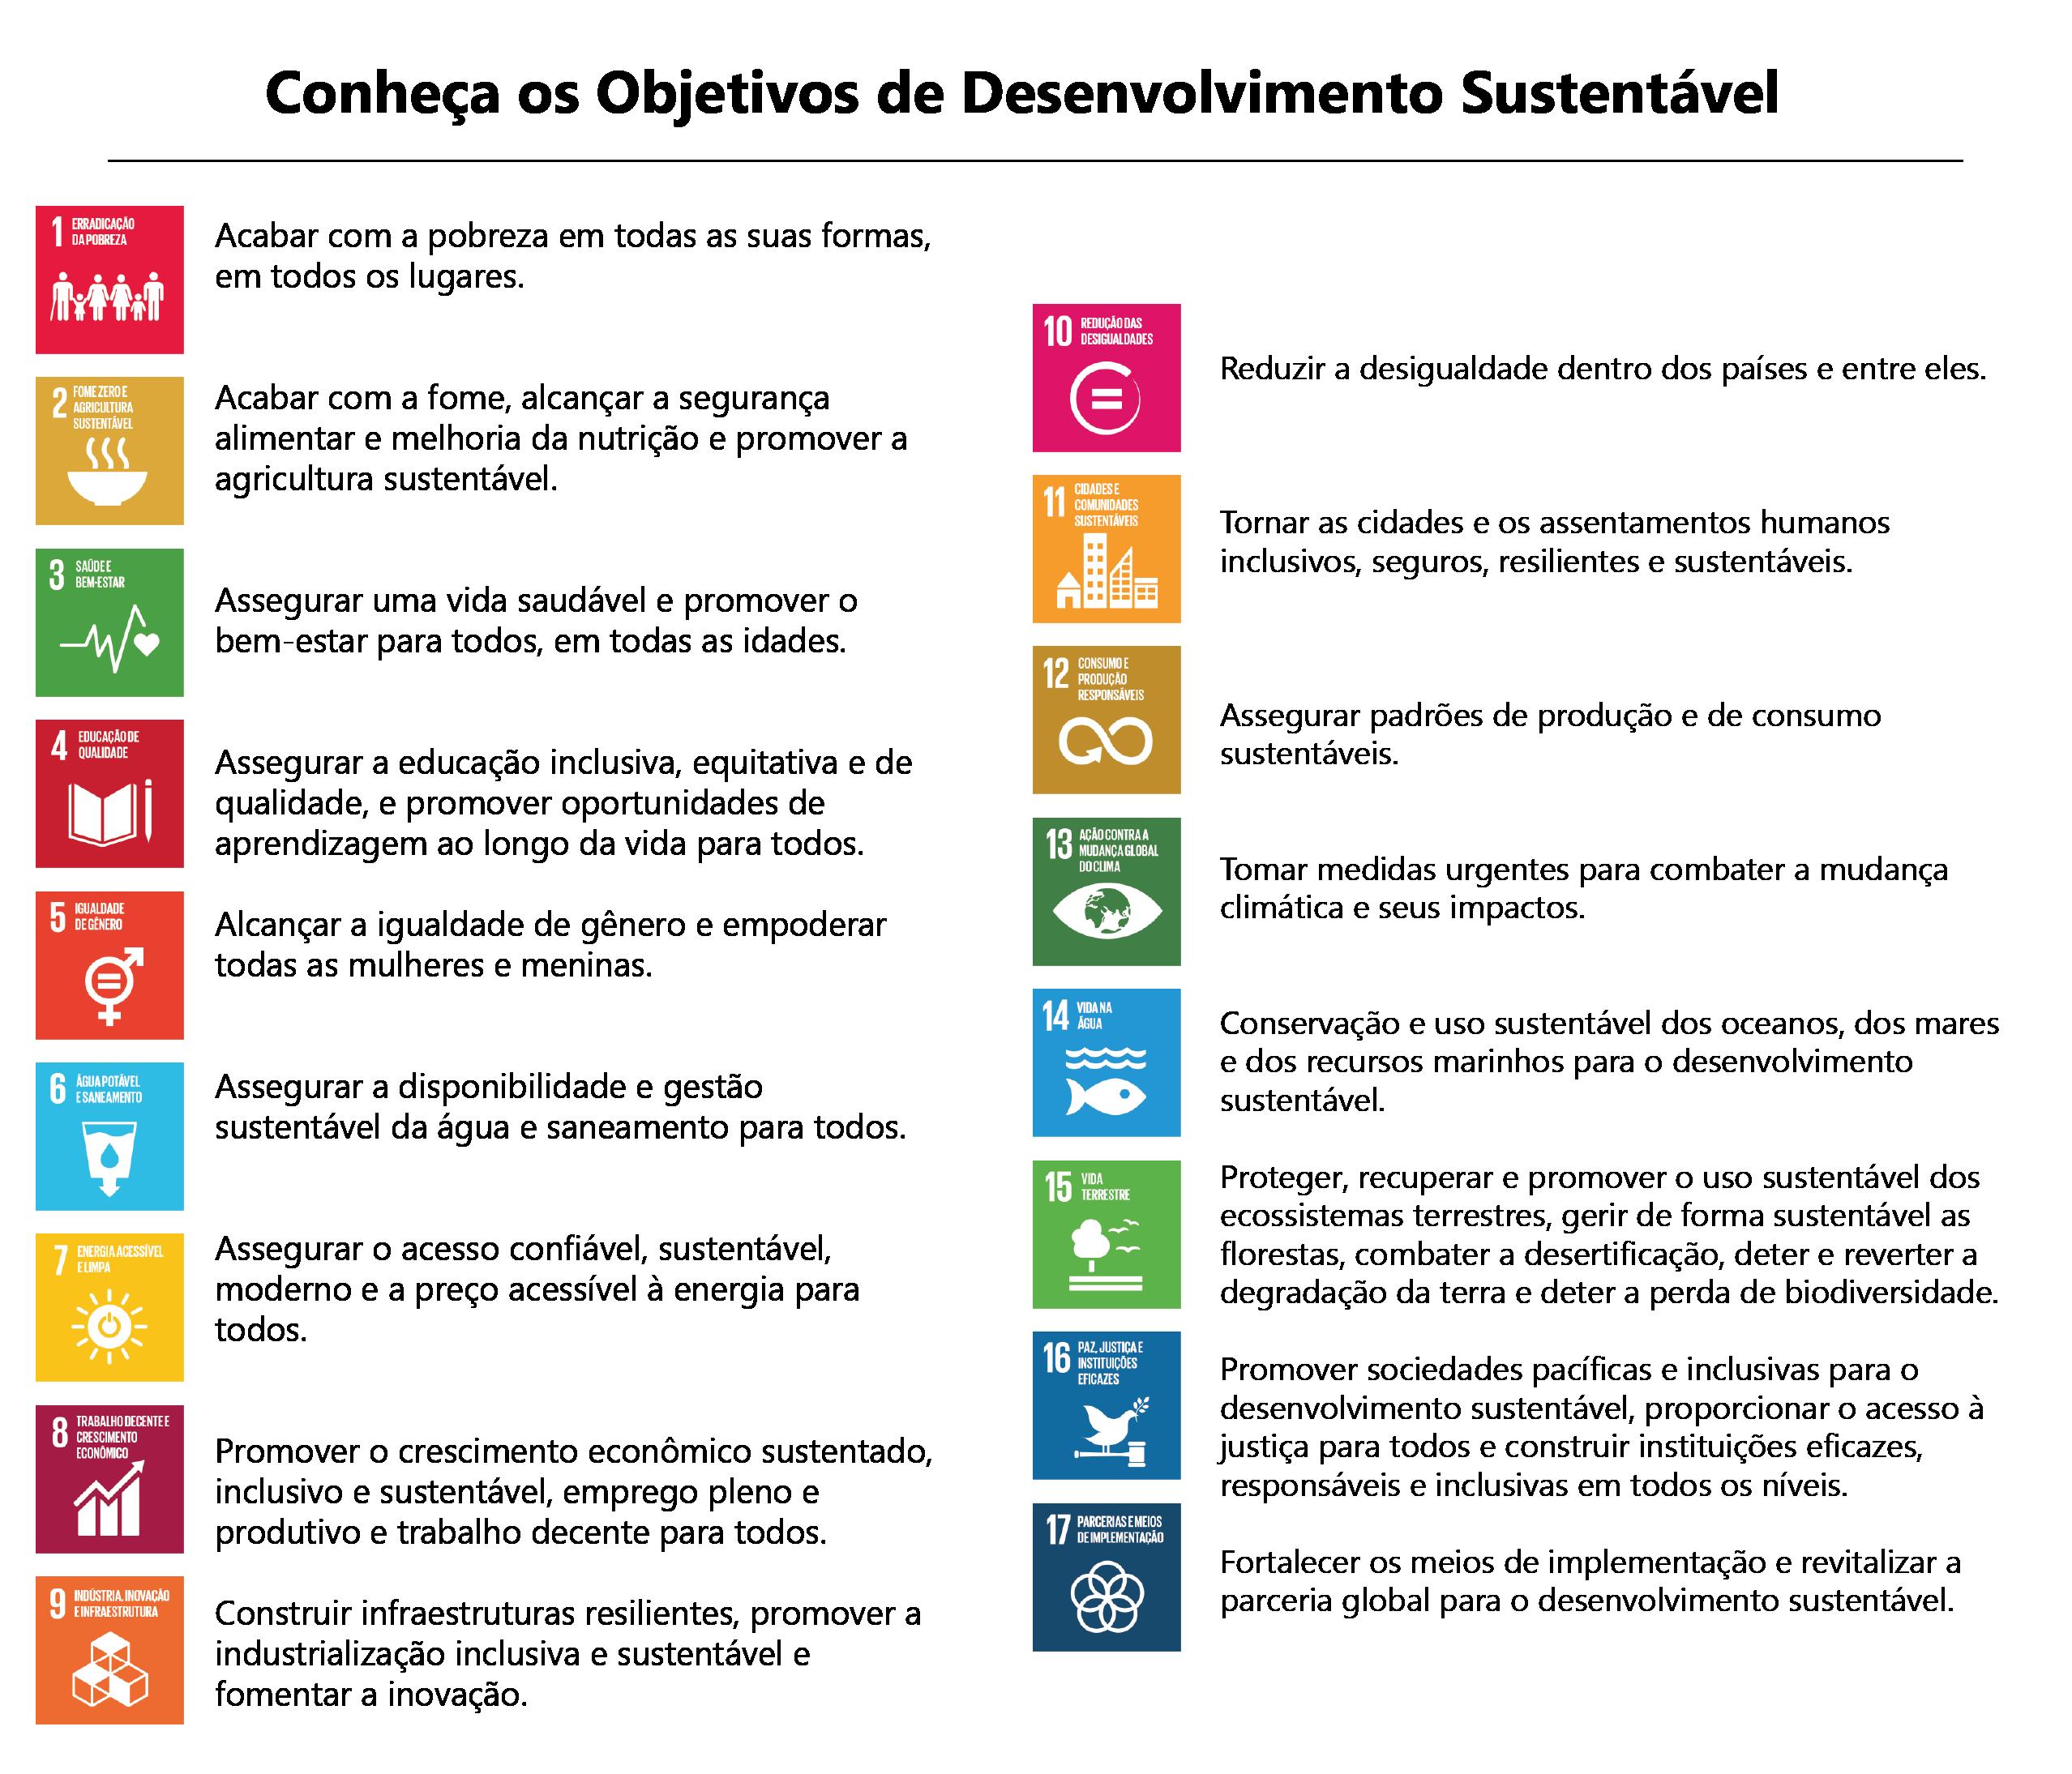 Conheça os Objetivos de Desenvolvimento Sustentável-01